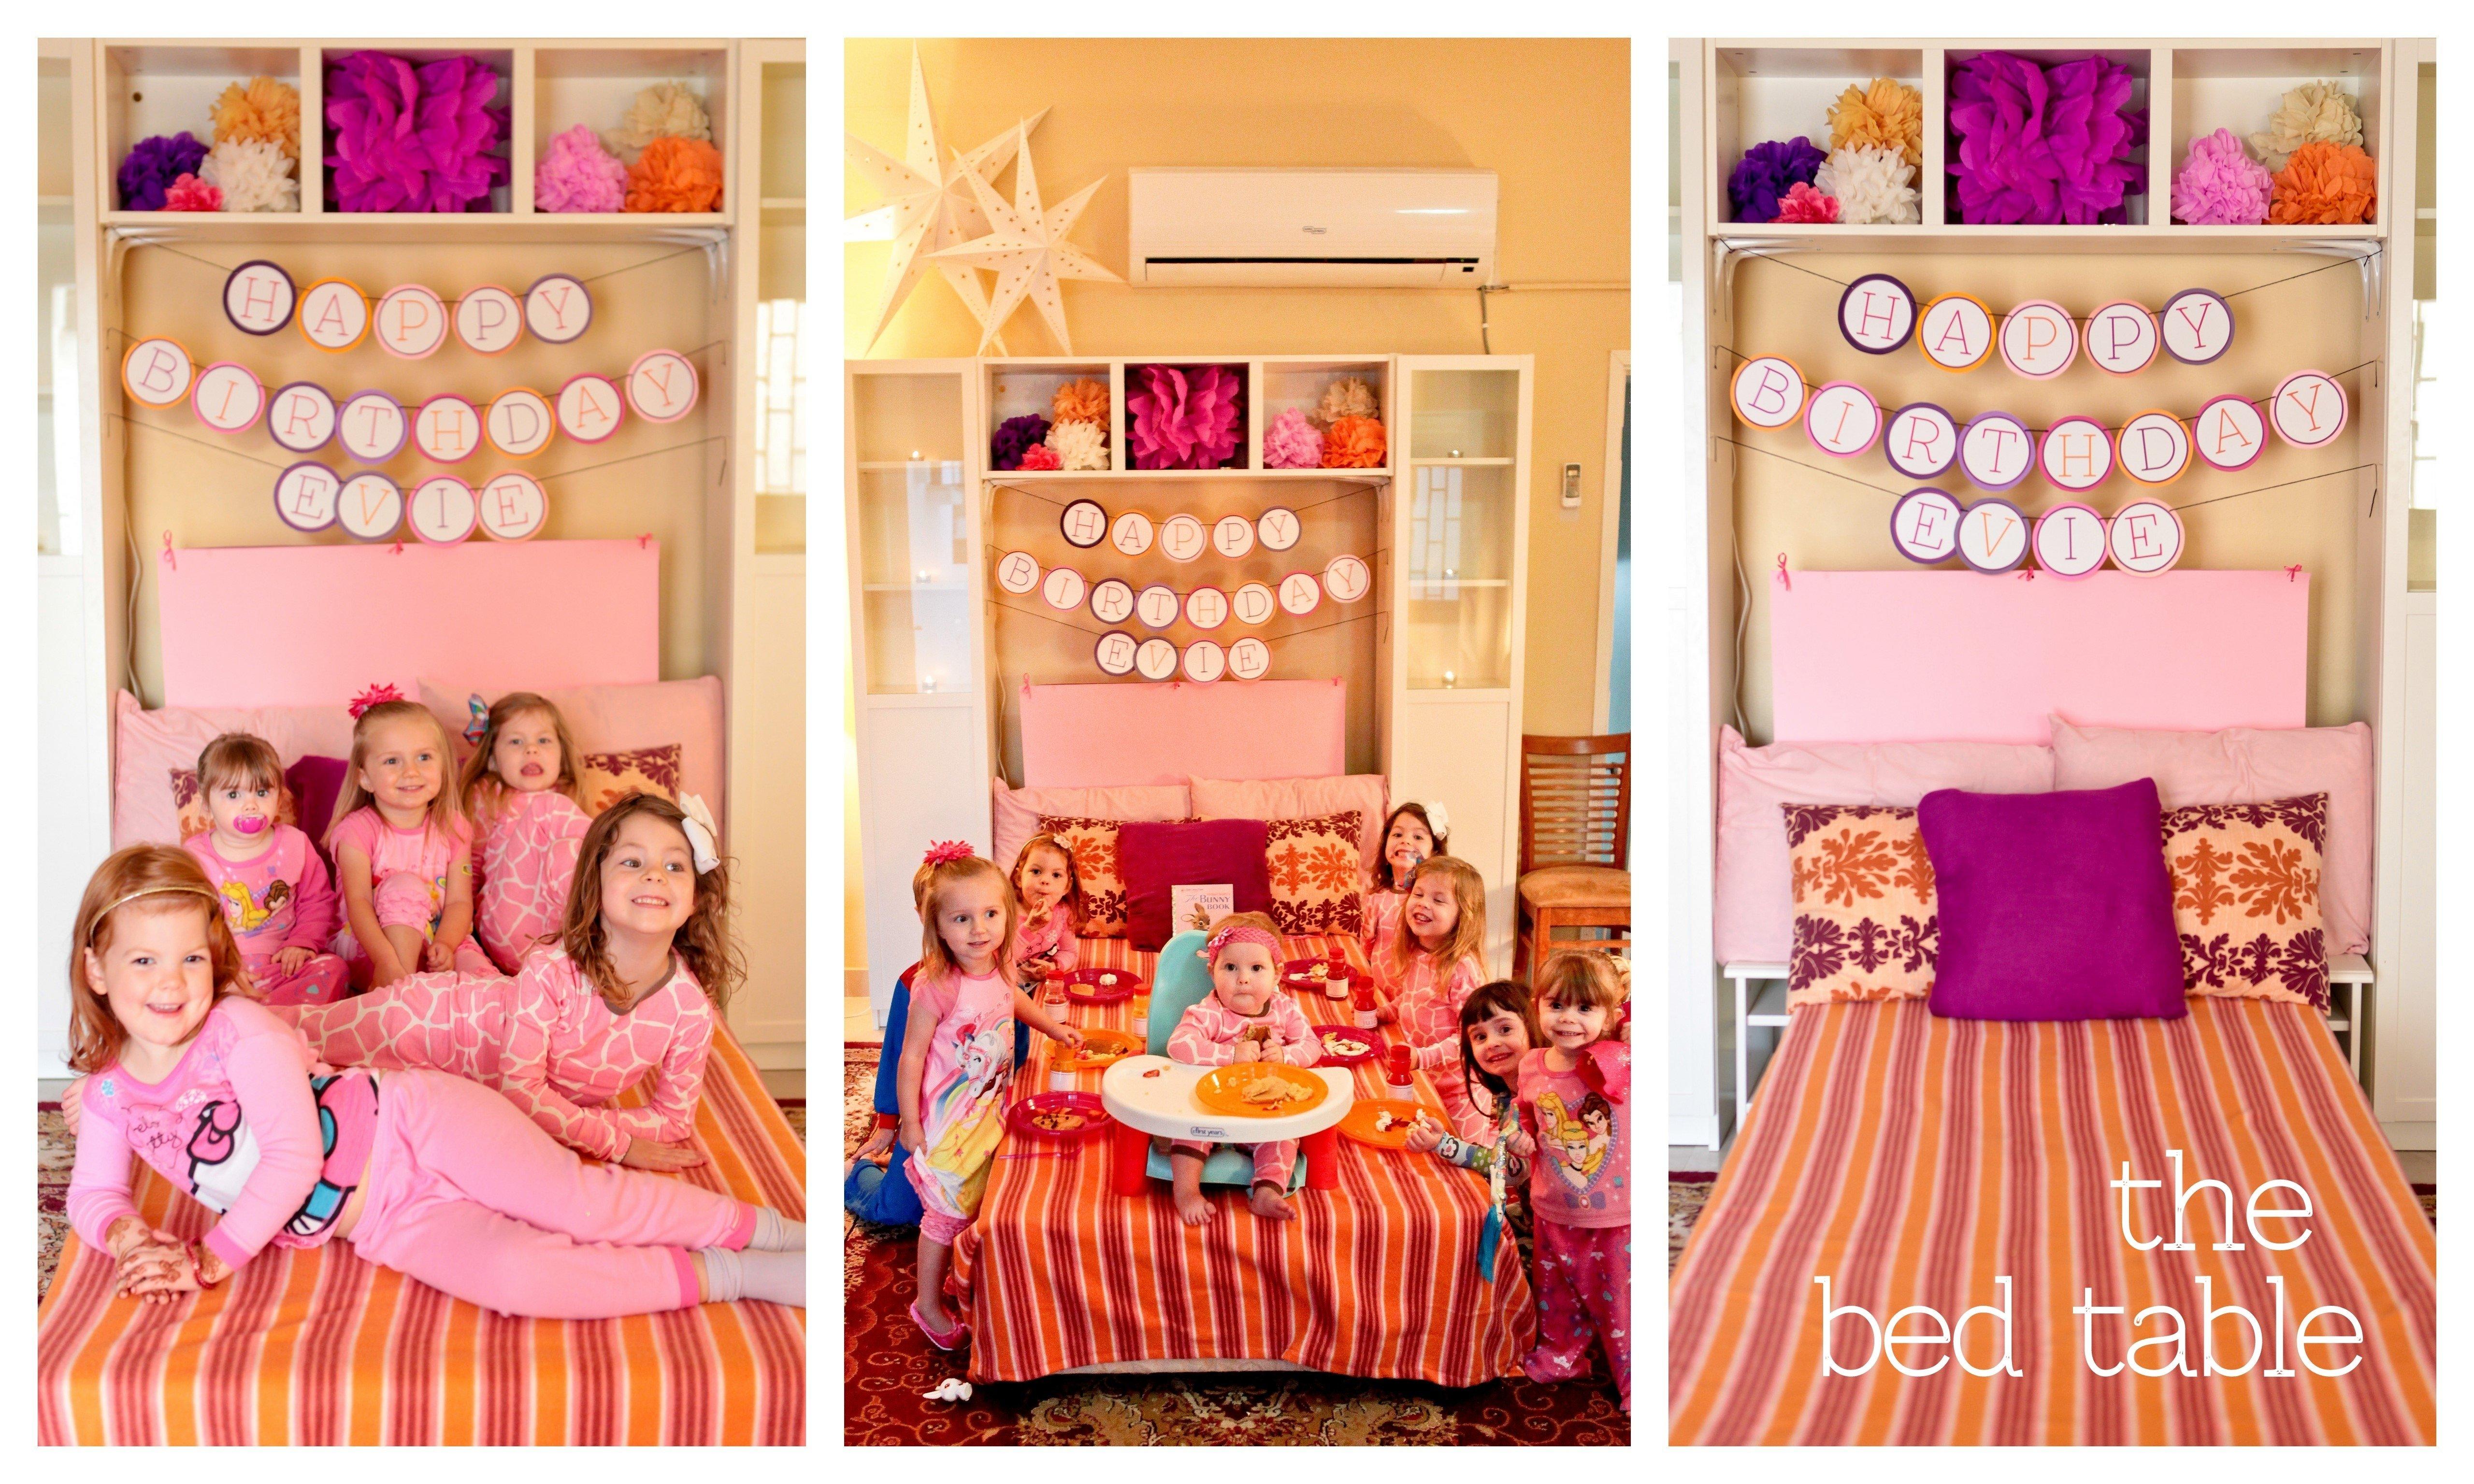 10 Amazing Pajama Party Ideas For Kids pajamas pancakes first birthday party